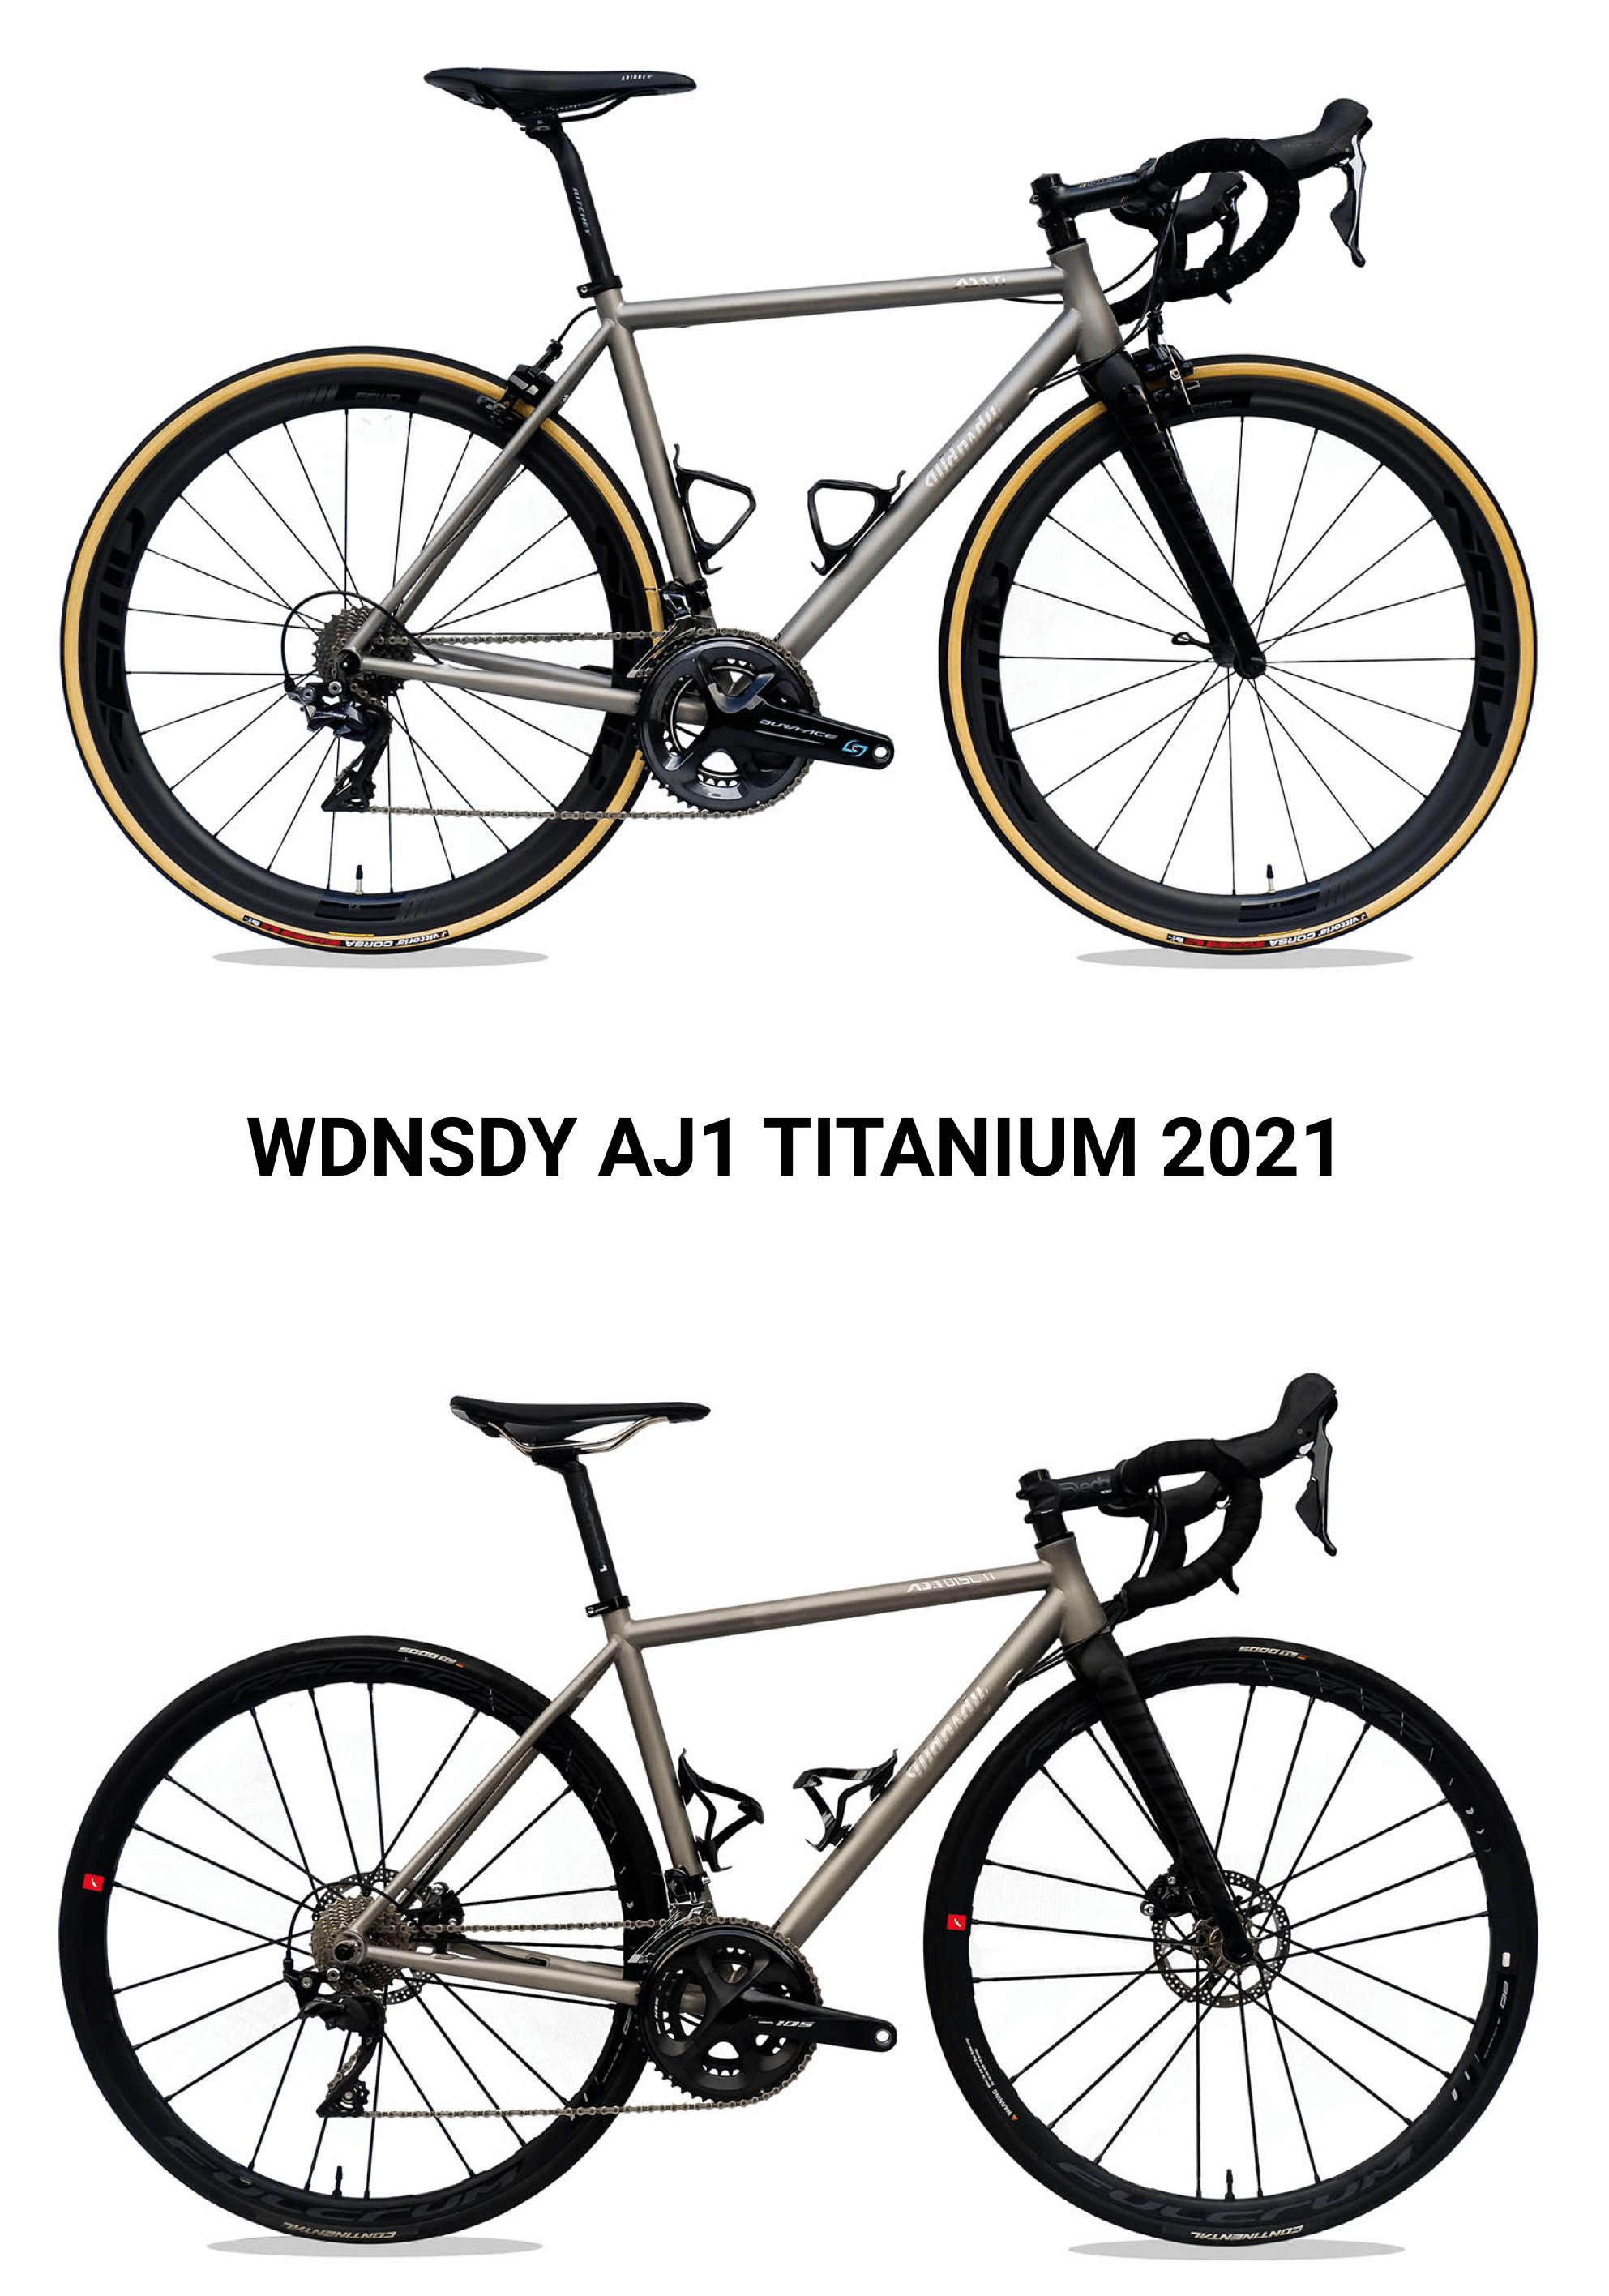 Sepeda AJ1 Titanium dari WDNSDY untuk tahun 2021